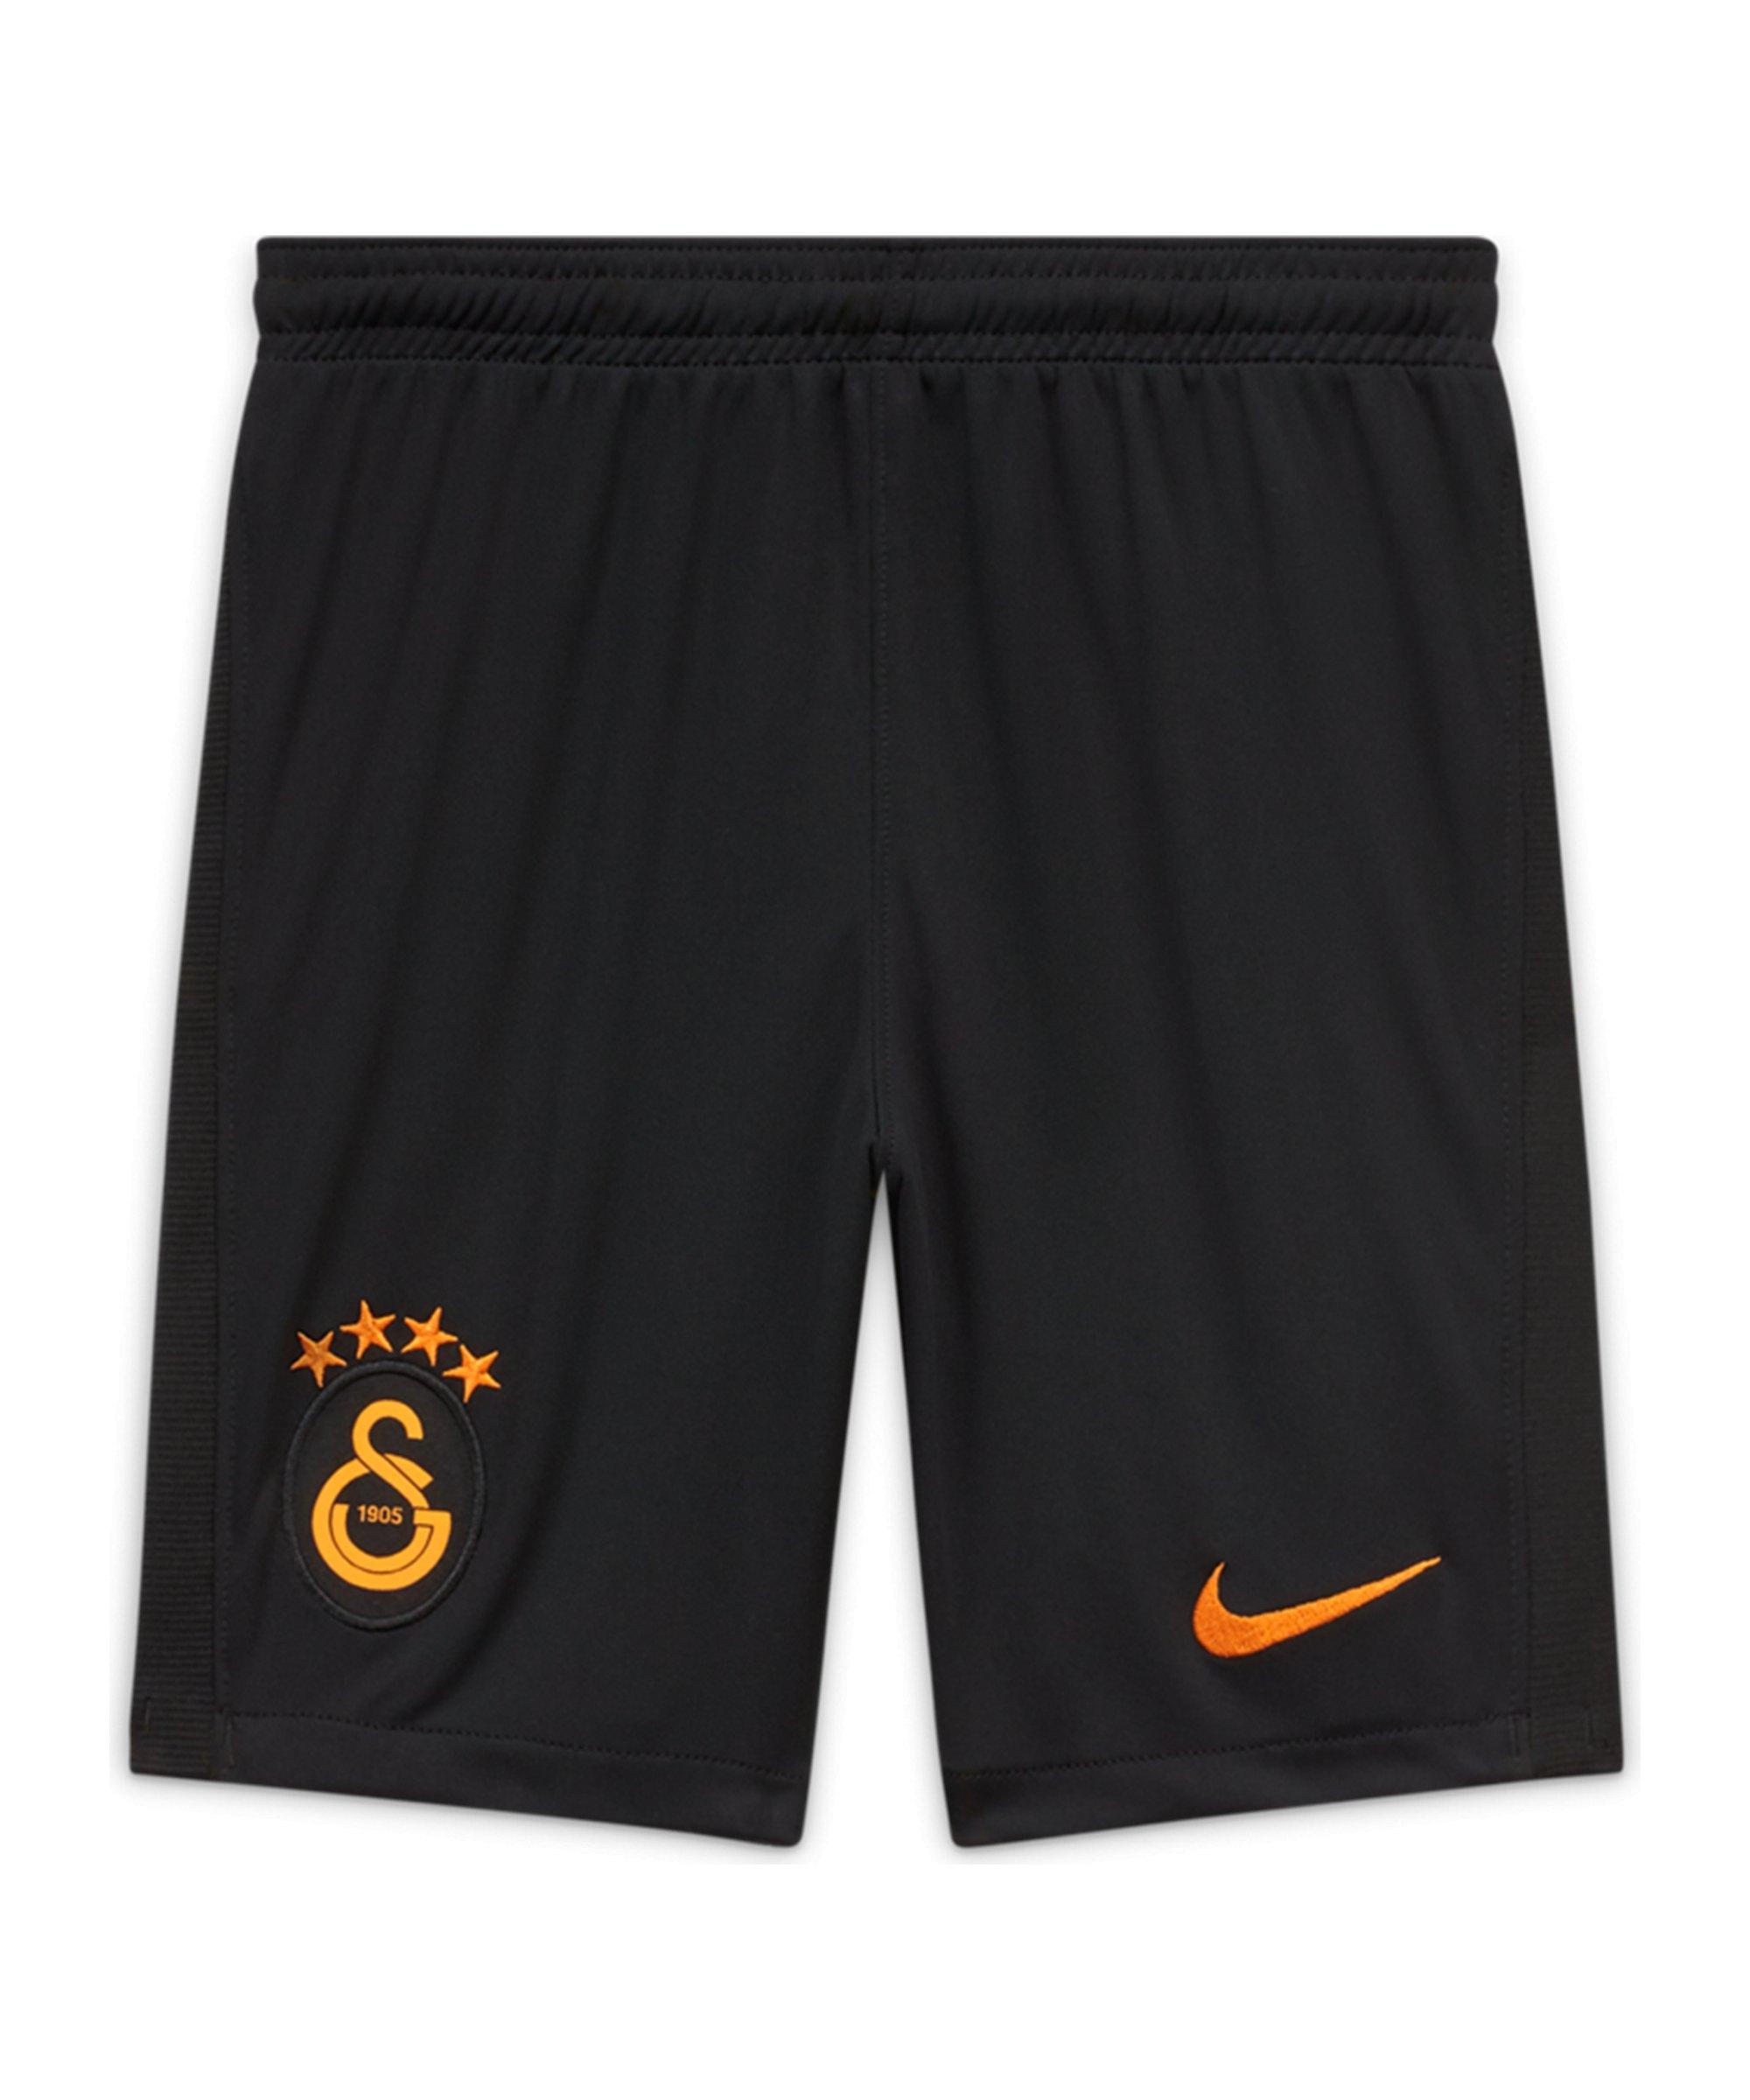 Nike Galatasaray Istanbul Short Away 2020/2021 Kids Schwarz F010 - schwarz